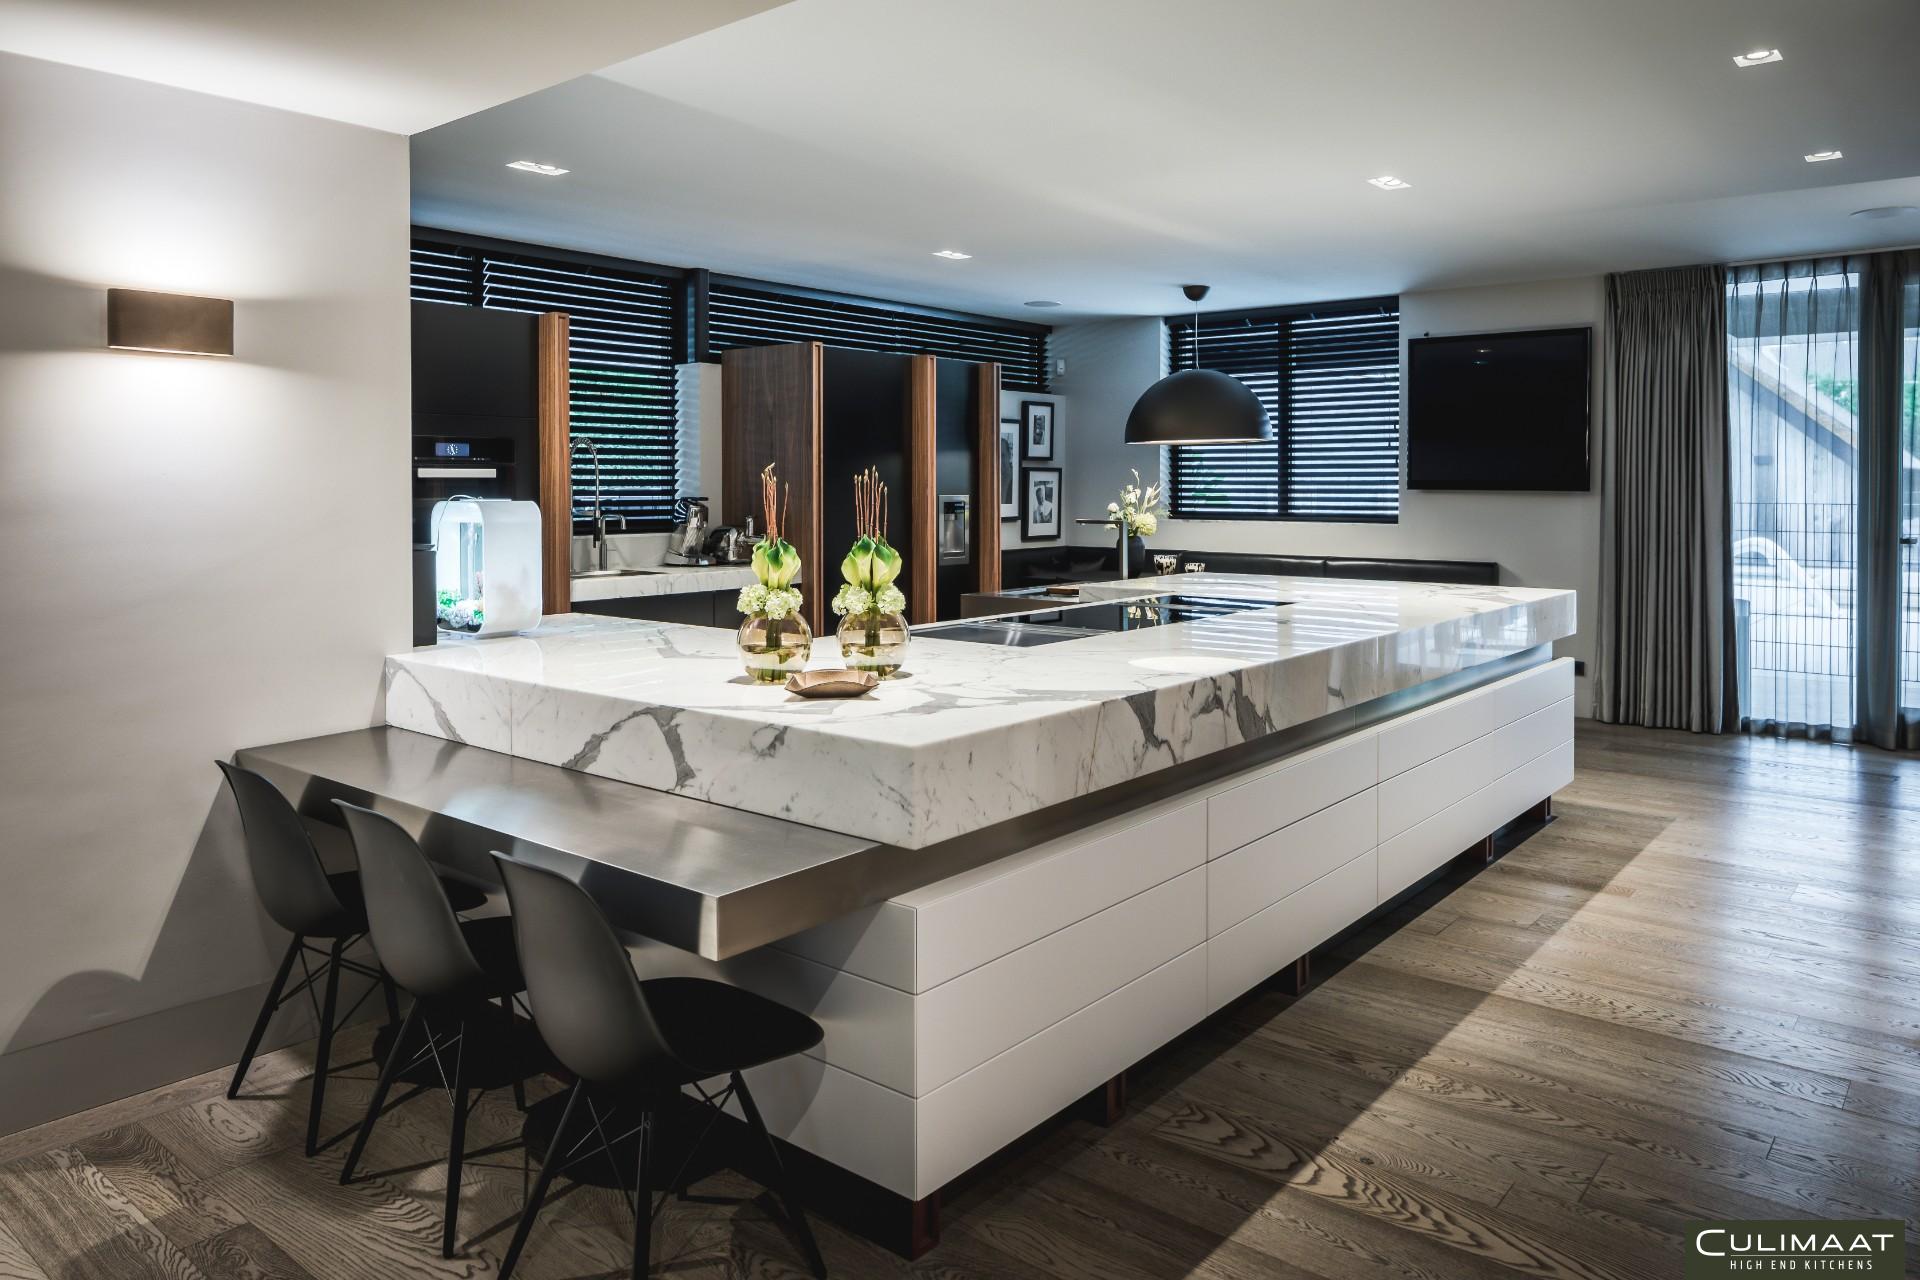 Exclusieve keuken in waalwijk culimaat high end kitchens